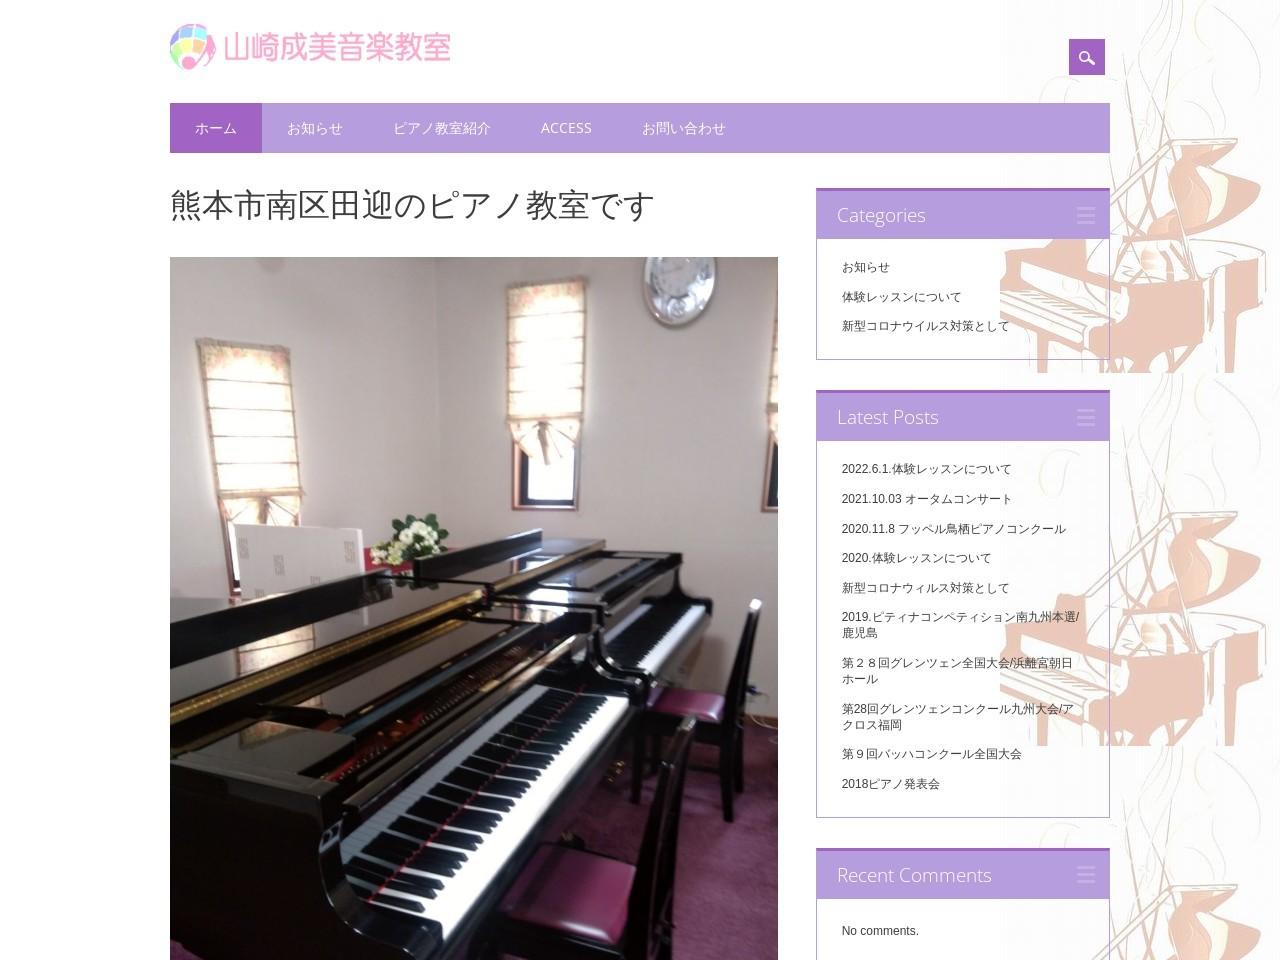 山崎成美音楽教室のサムネイル